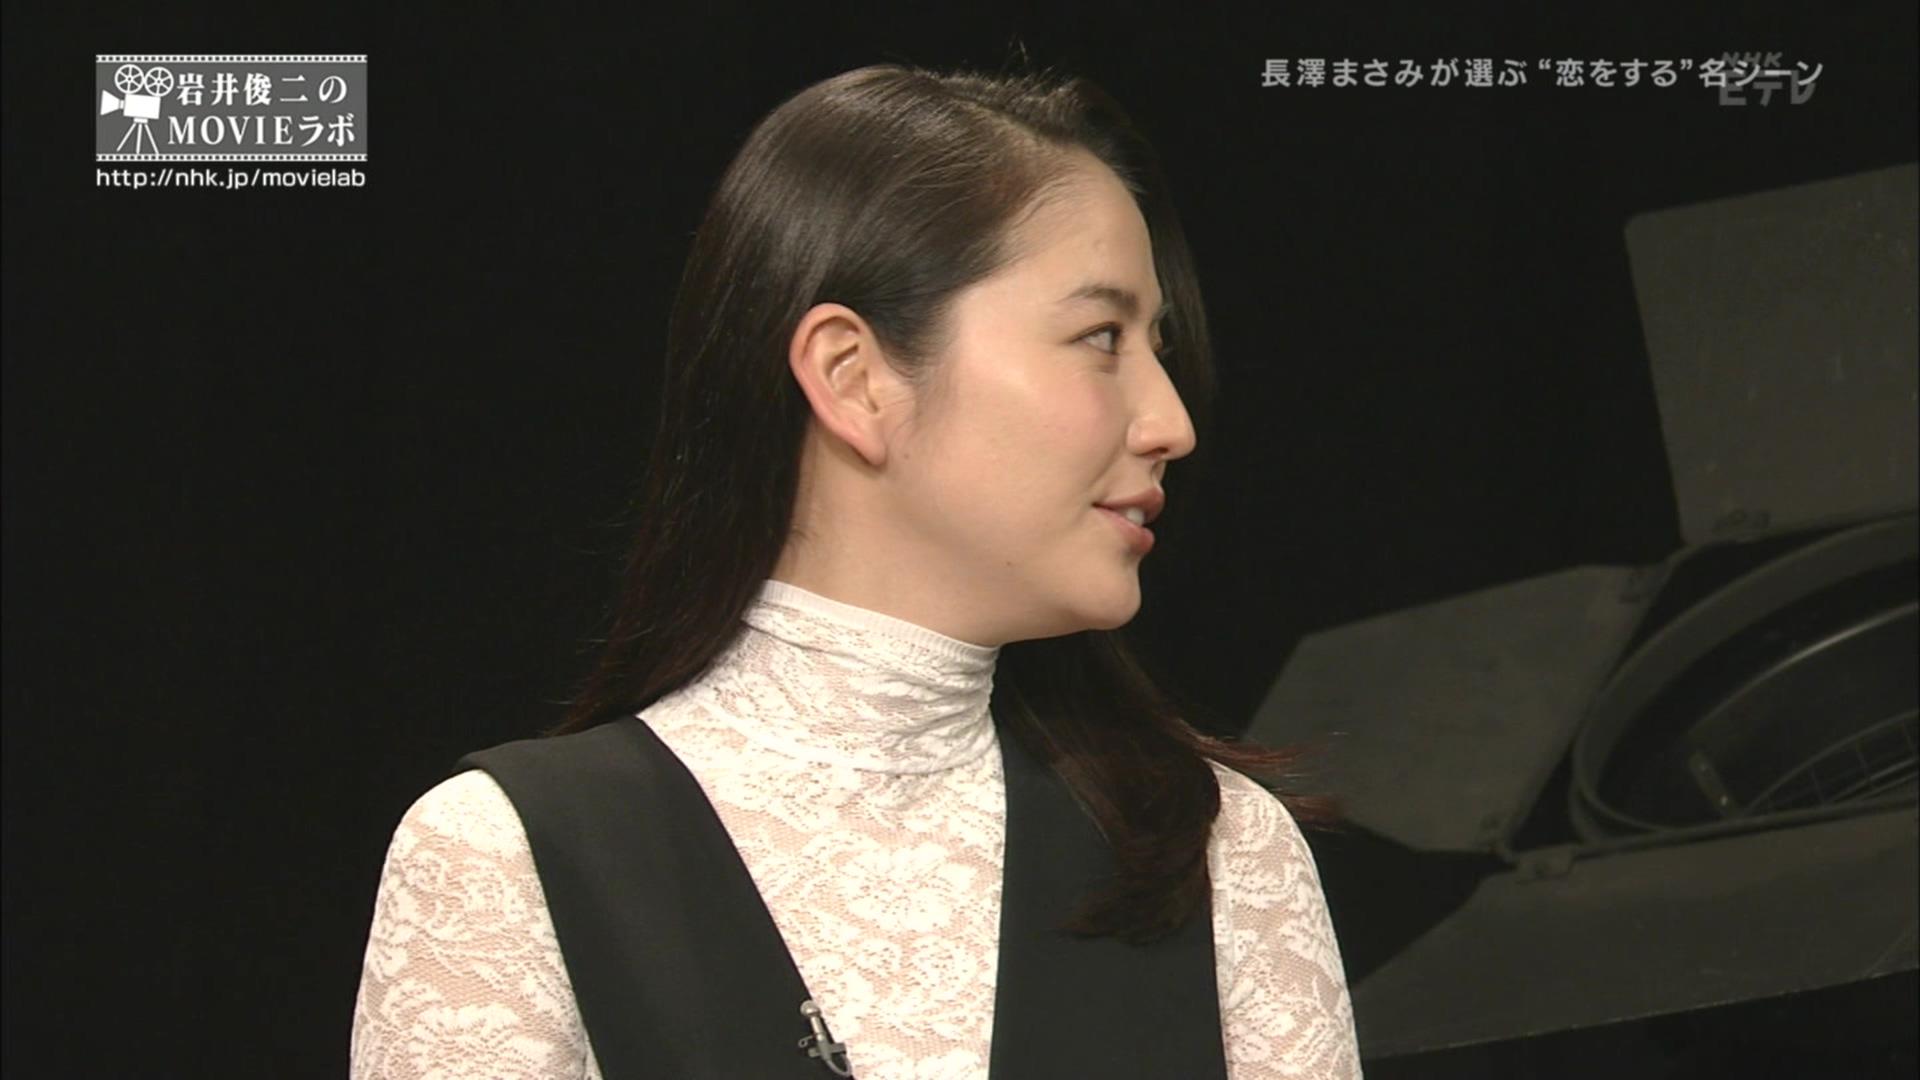 nagasawamovie32